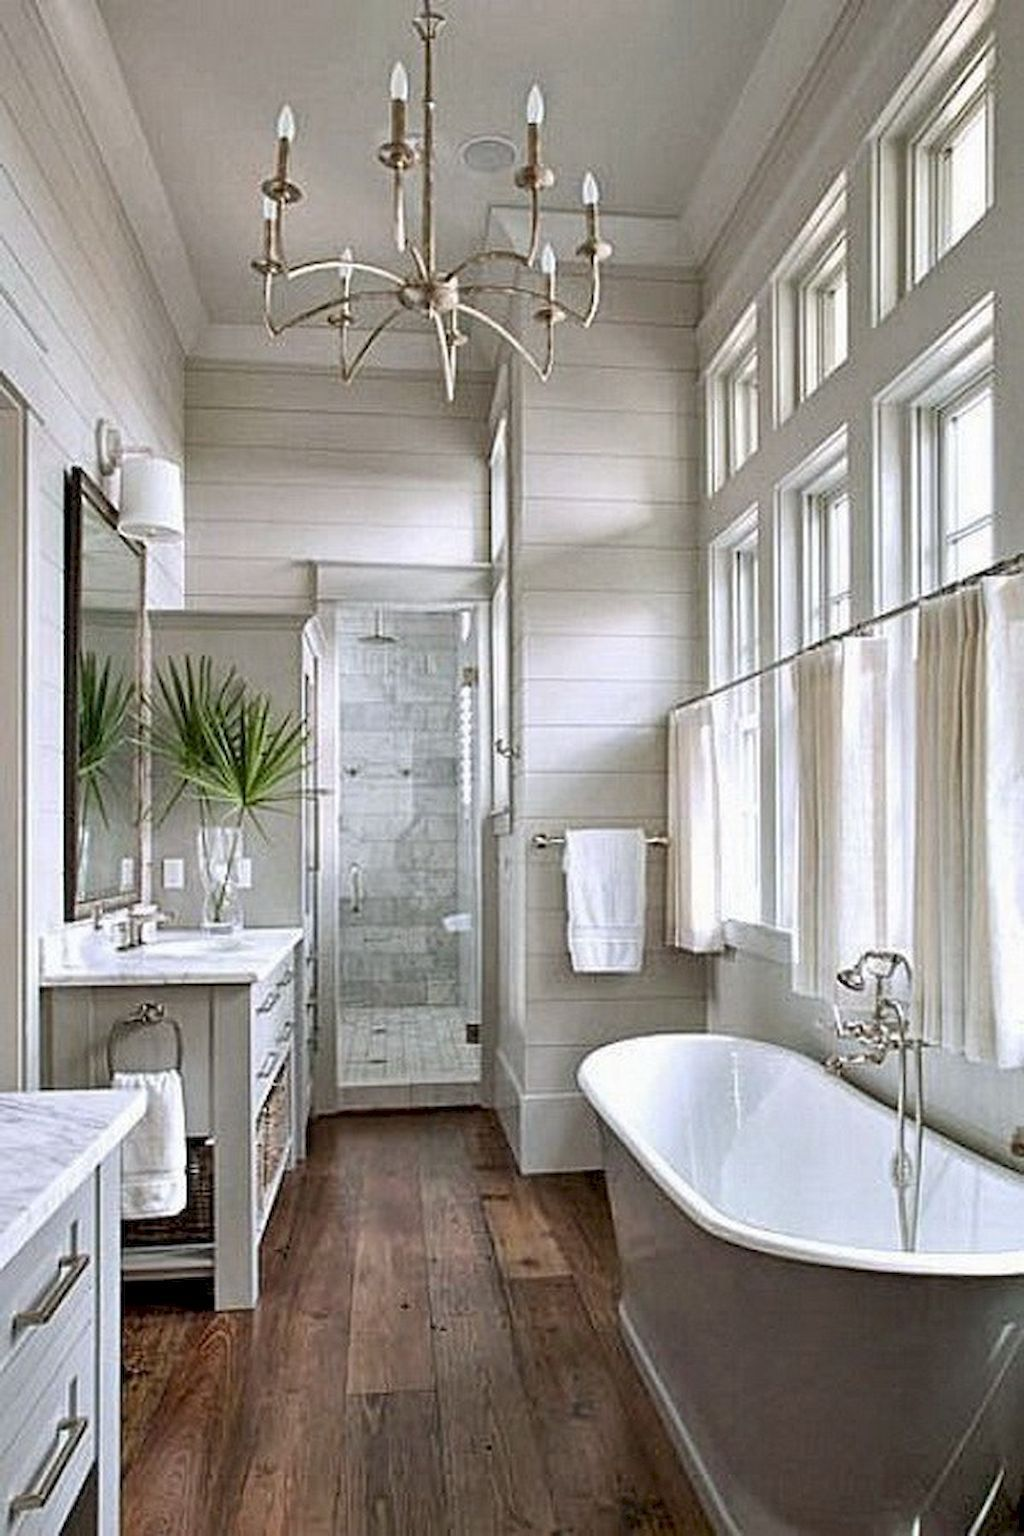 110 spectacular farmhouse bathroom decor ideas (30) & 110 spectacular farmhouse bathroom decor ideas (30   Pinterest ...